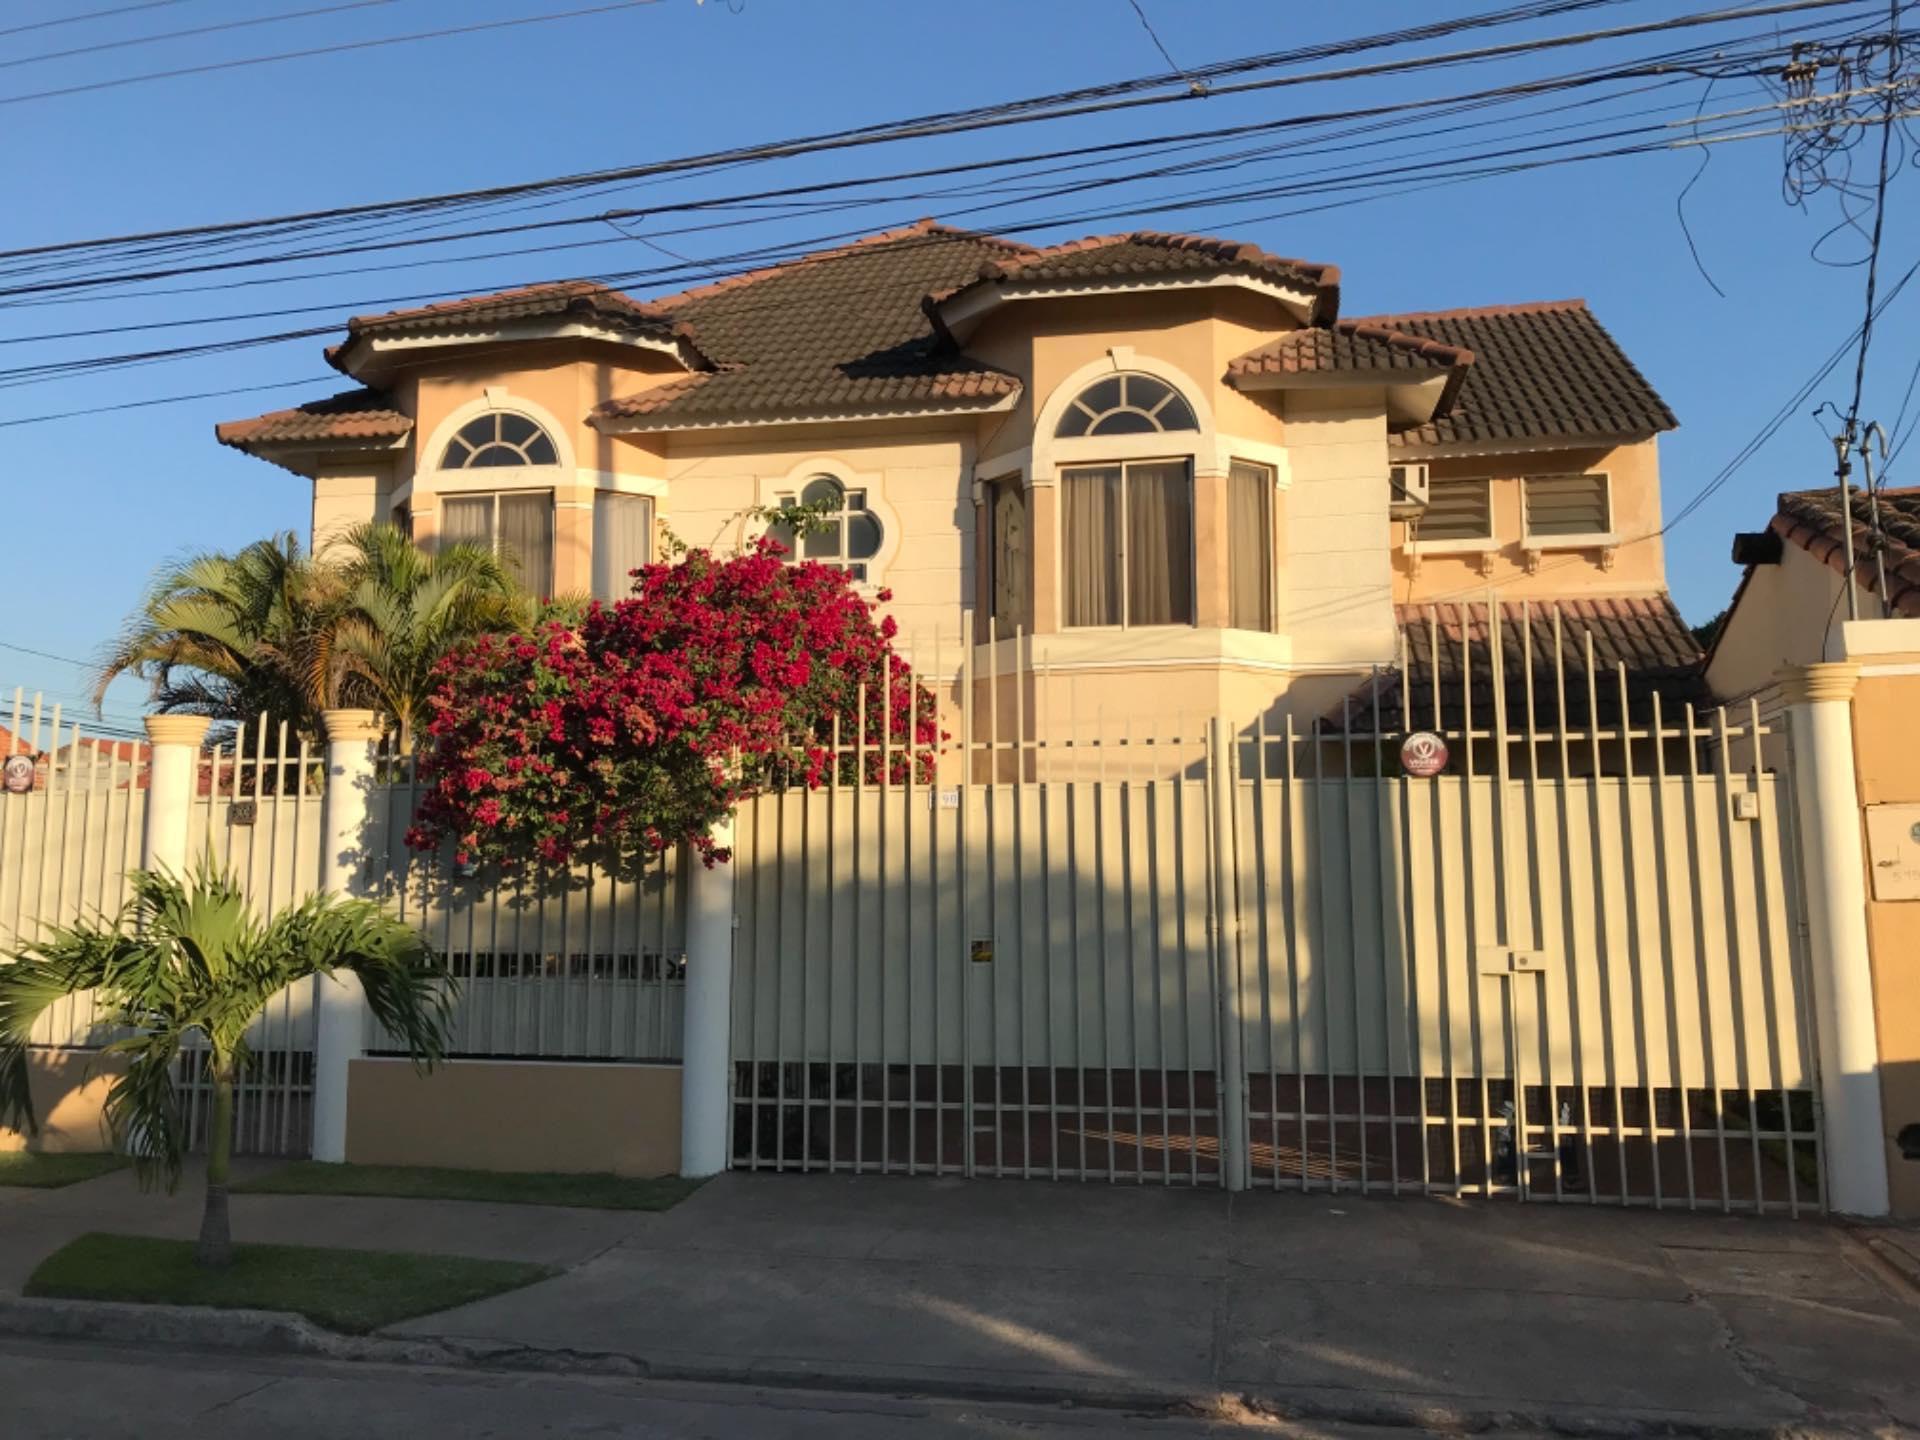 Casa en Alquiler Av. La Barranca barrio El Trompillo Alcaya #300 esq. Zoilo flores  Foto 1